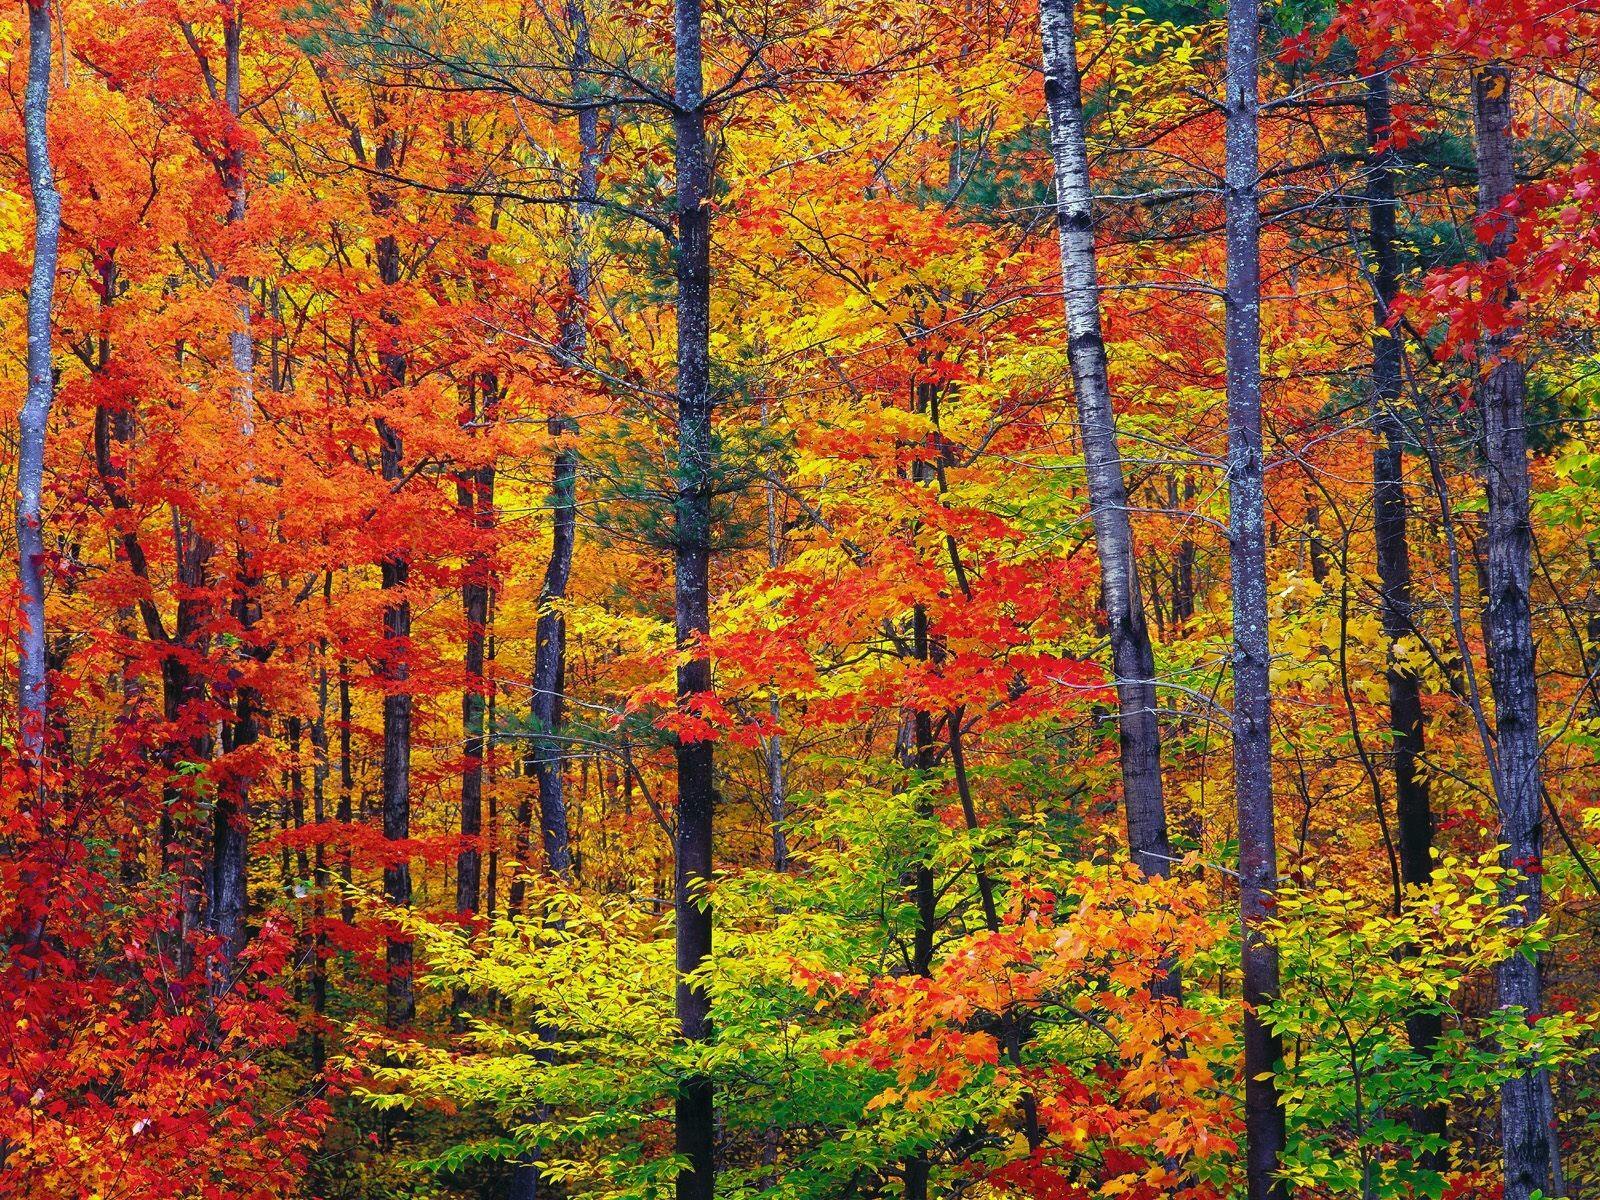 L'automne en anglais